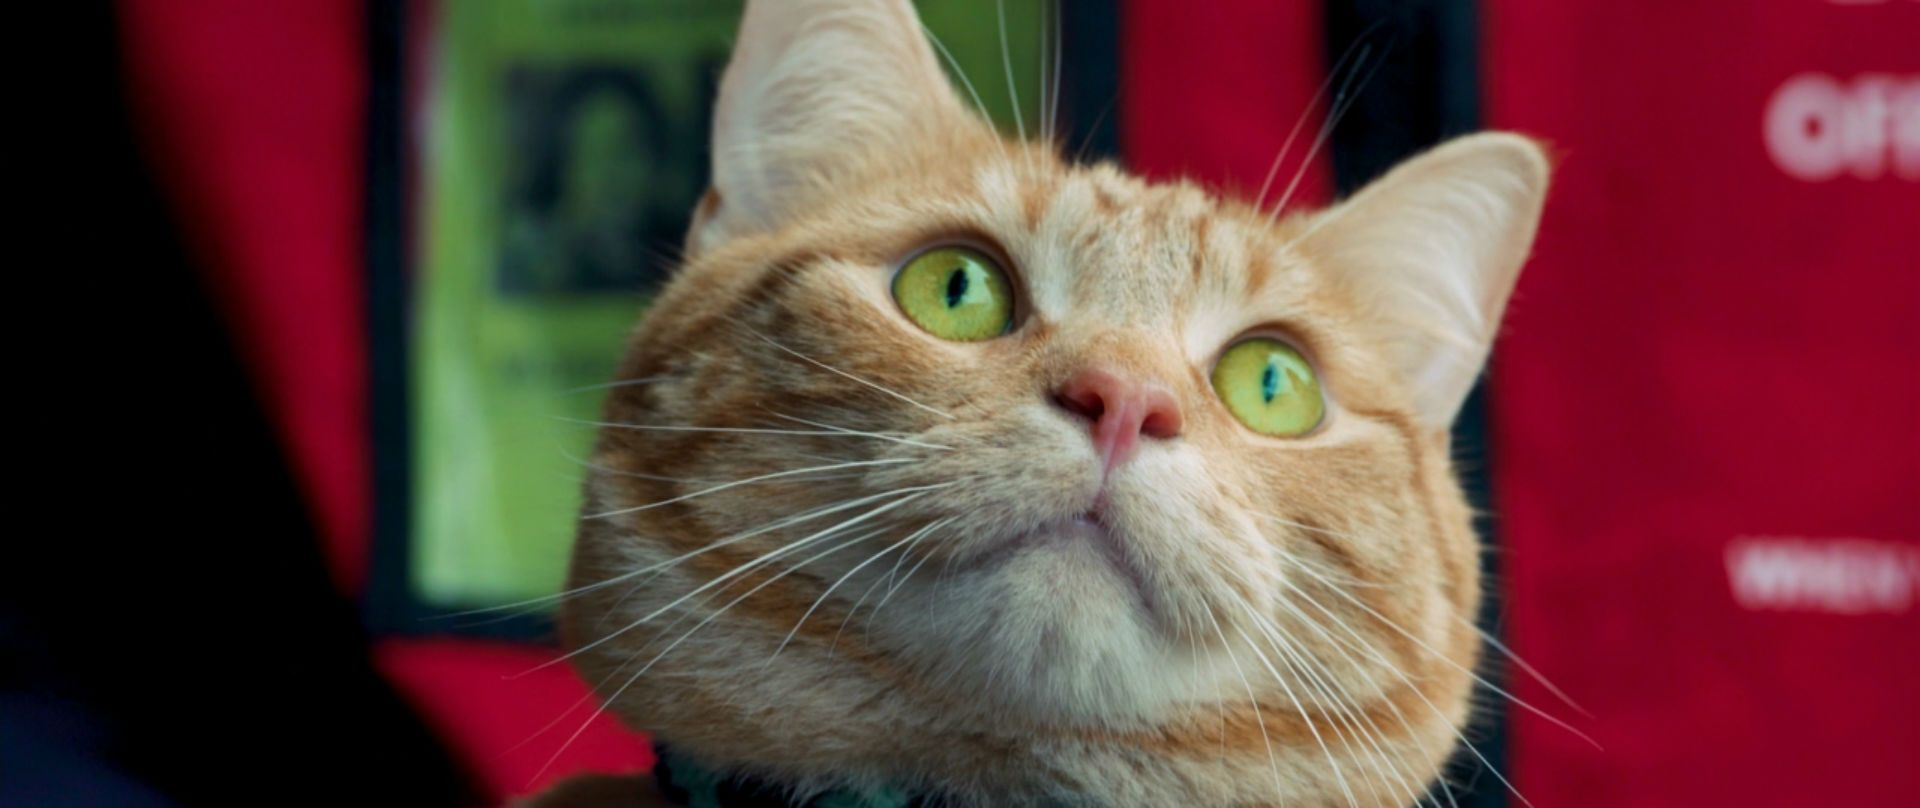 Уличный кот по кличке Боб | BDRip 1080p | Лицензия